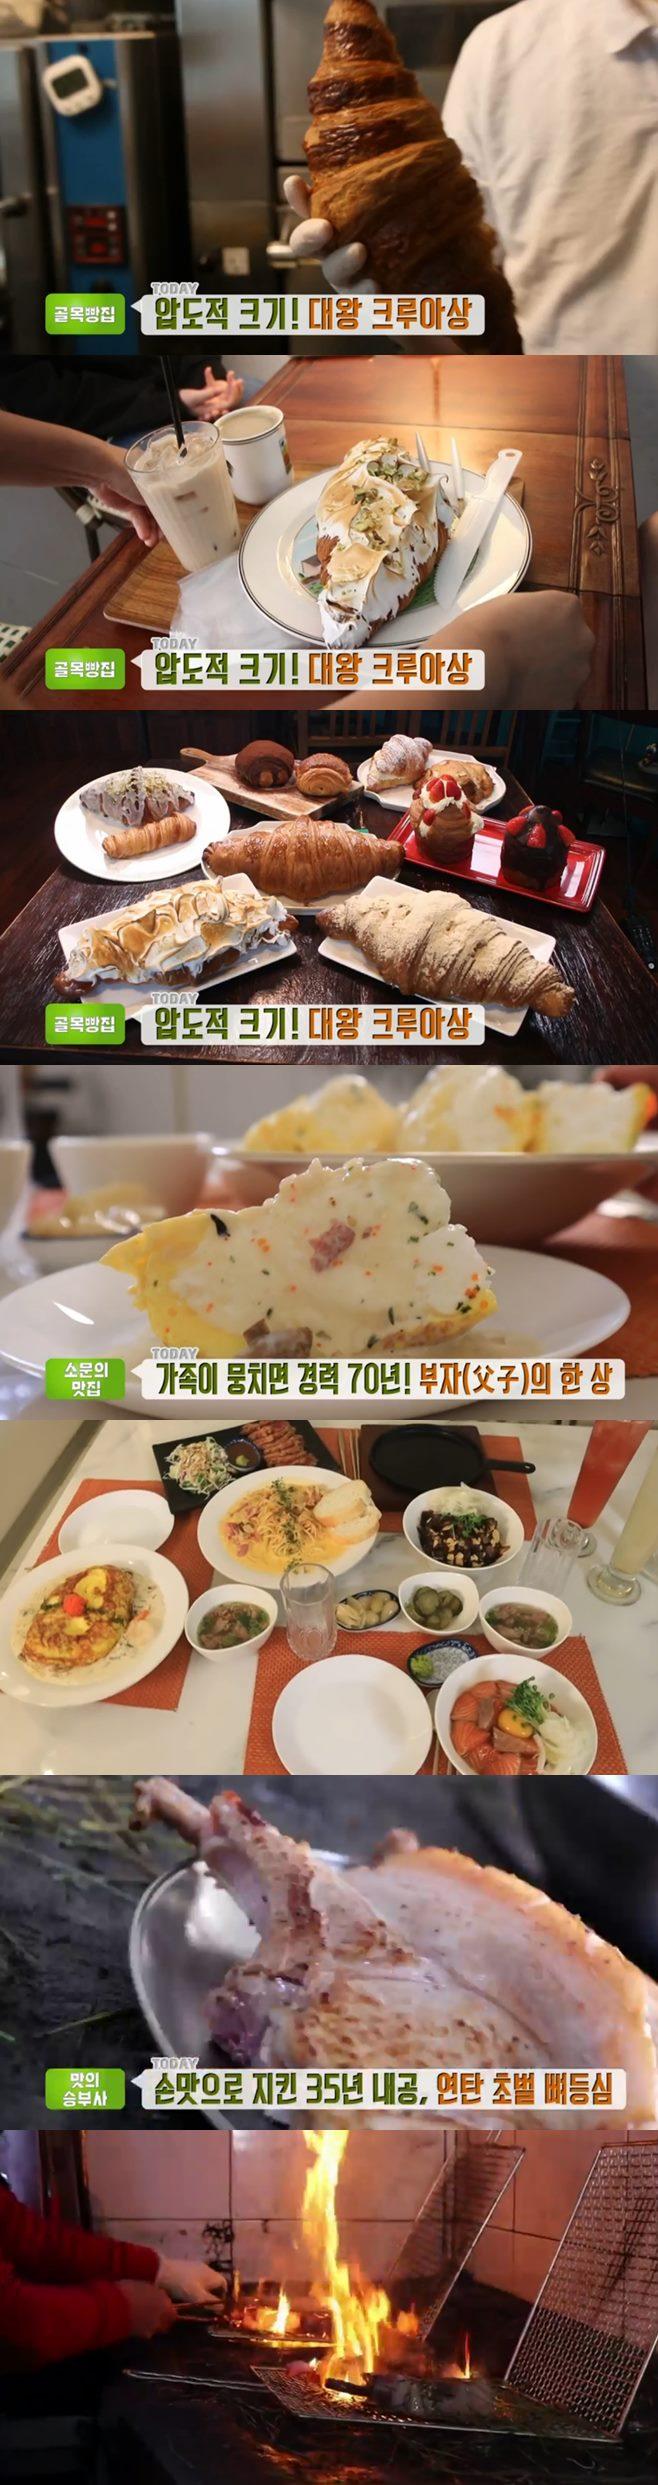 '생방송투데이' 평택 단포포+맛의승부사 연탄초벌뼈등심(광화문특고기)+대왕크루아상(자유빵집) 맛집